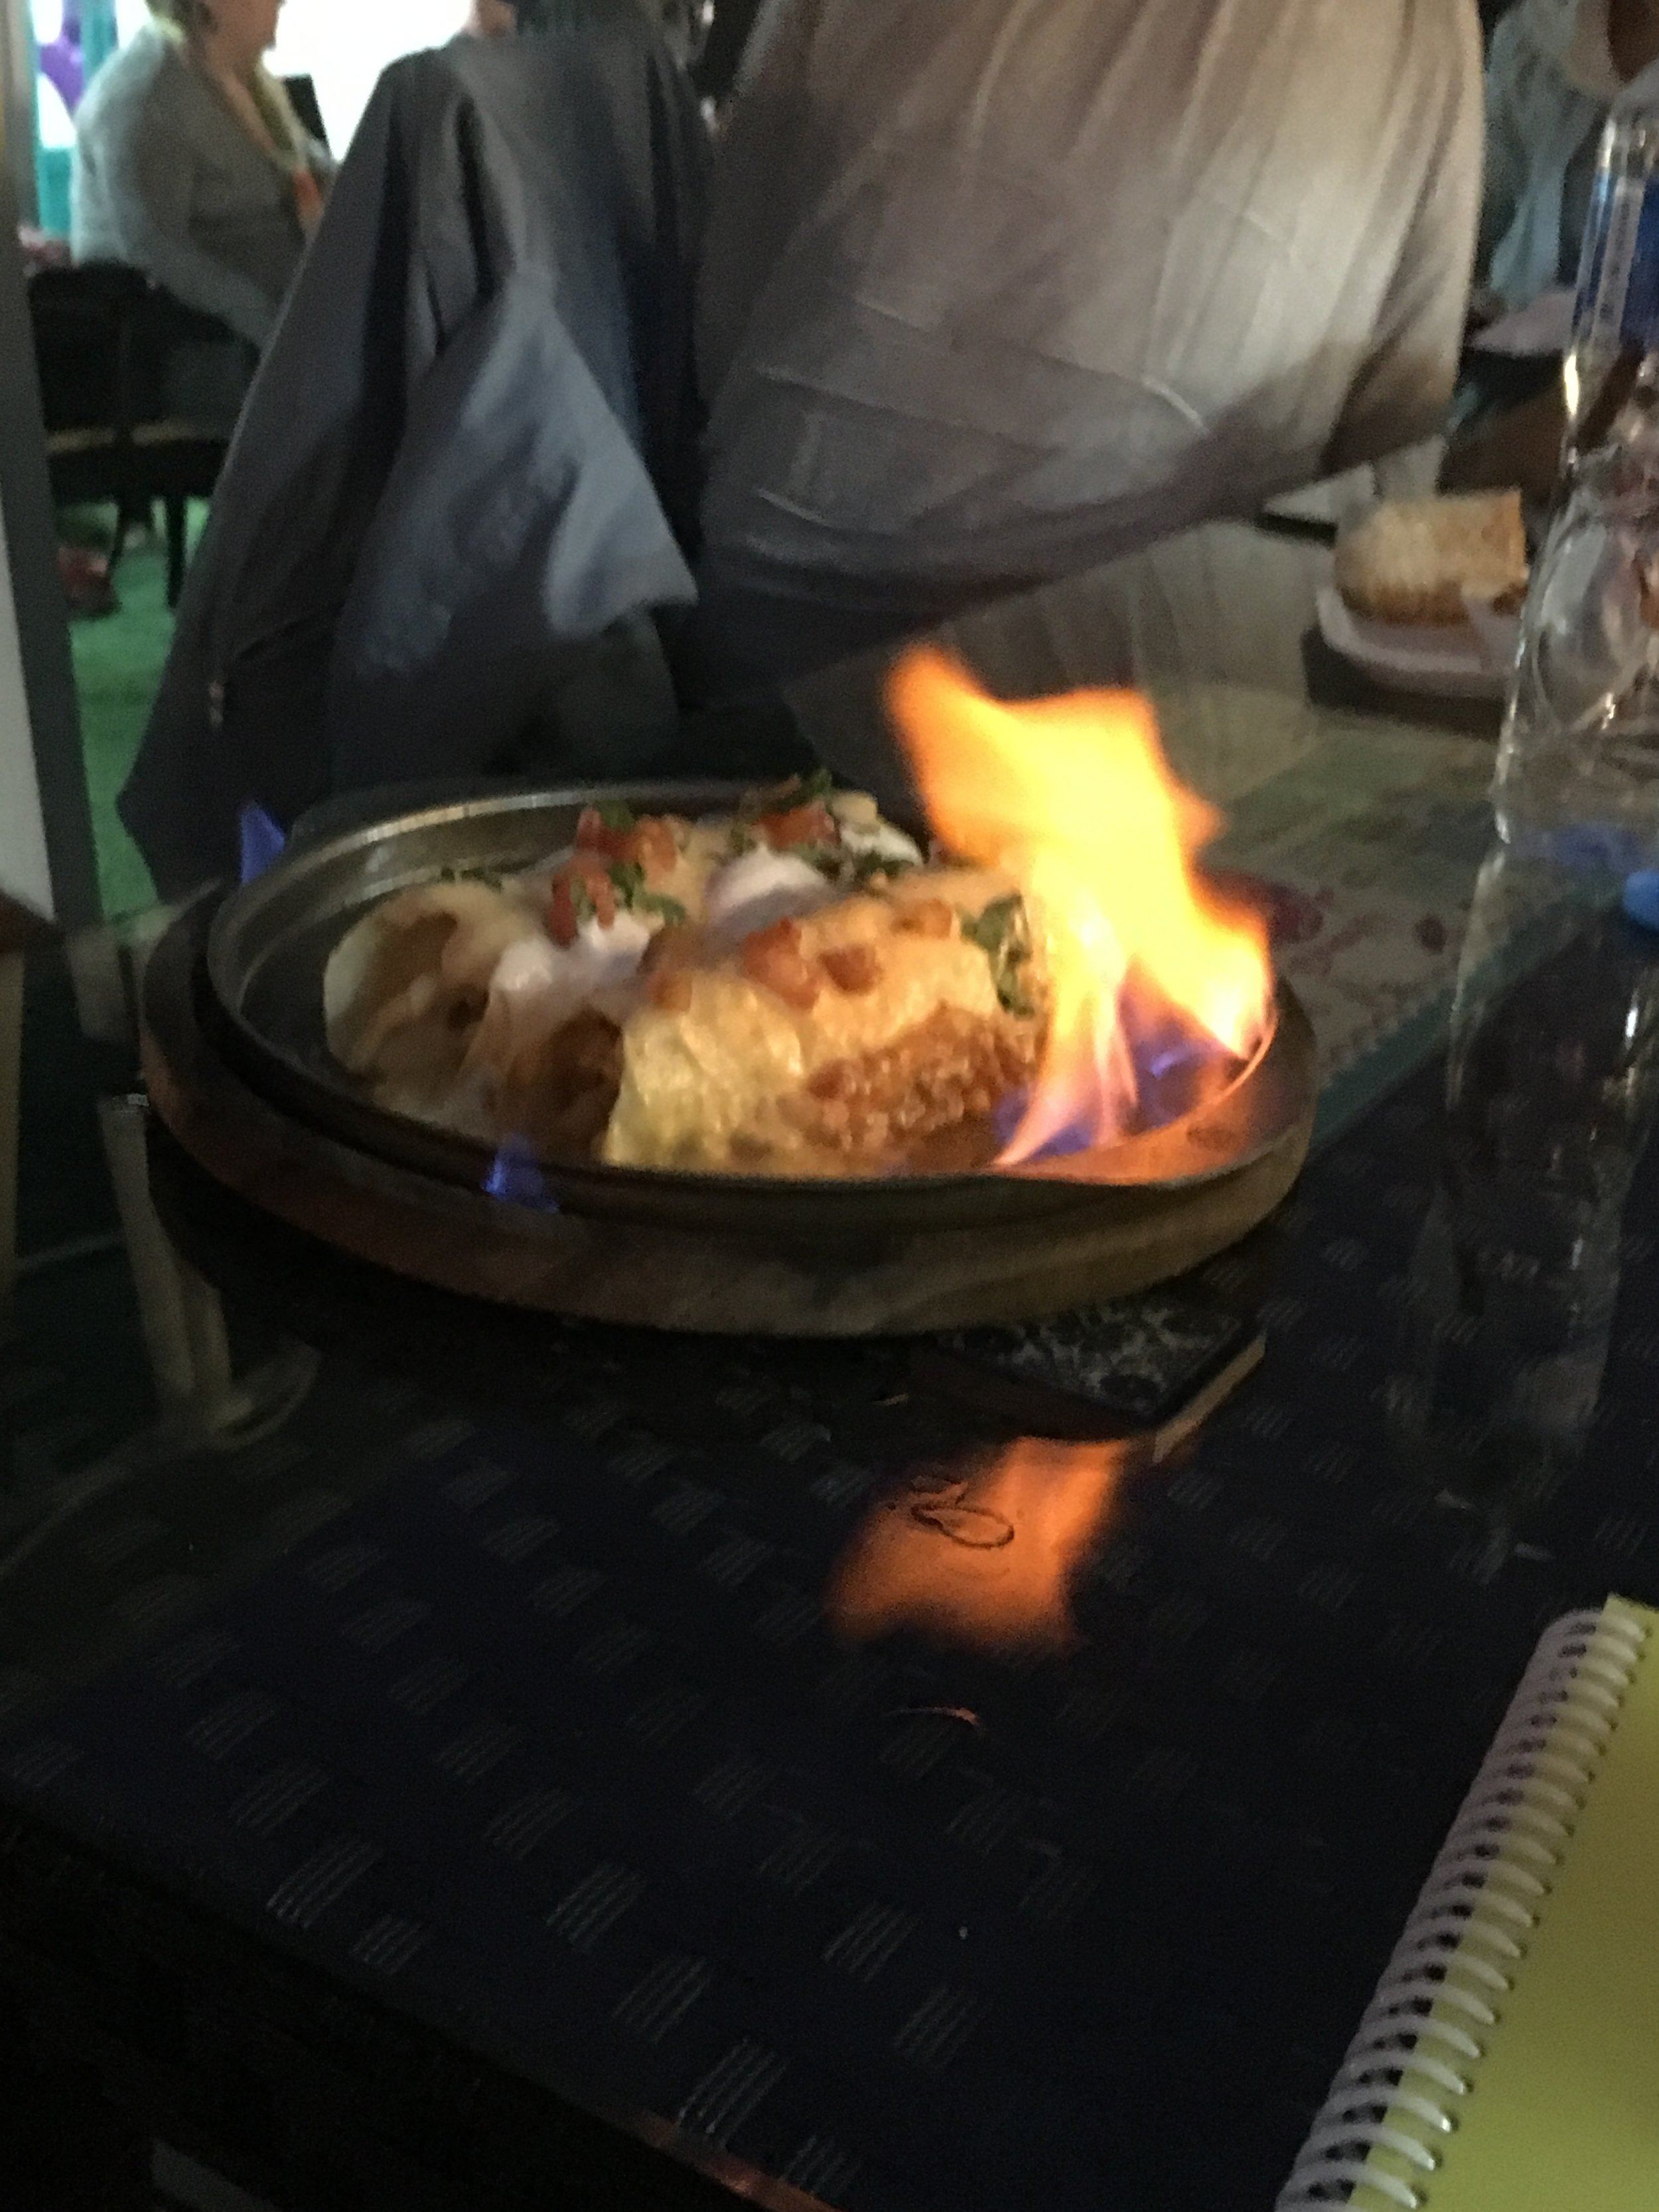 Flaming enchillades at Gringo's restaurant, Vientiane